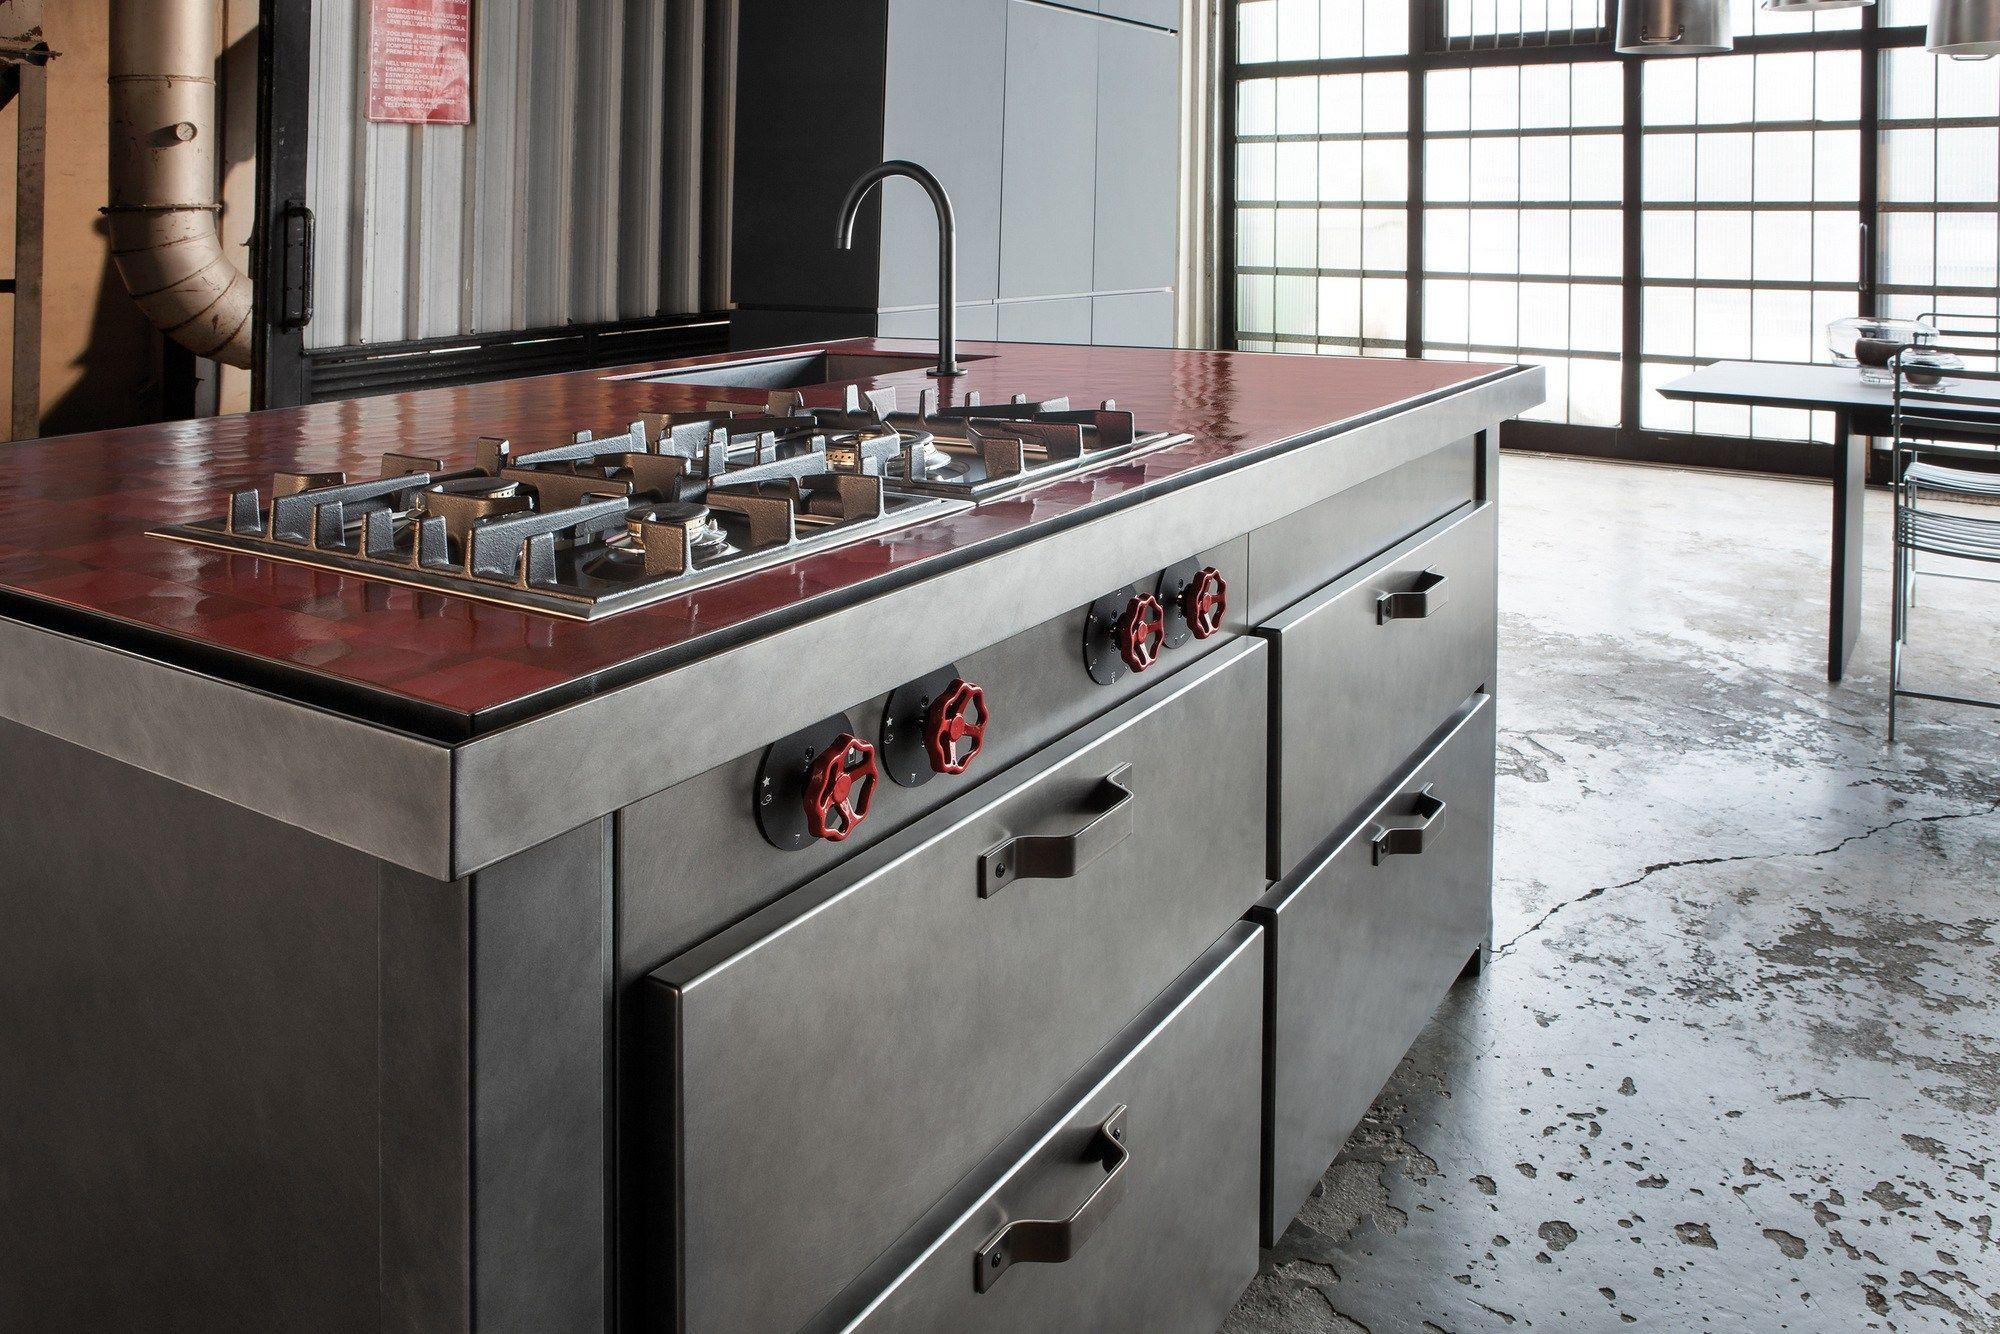 Min cucina in acciaio by minacciolo - Maniglie cucina acciaio ...